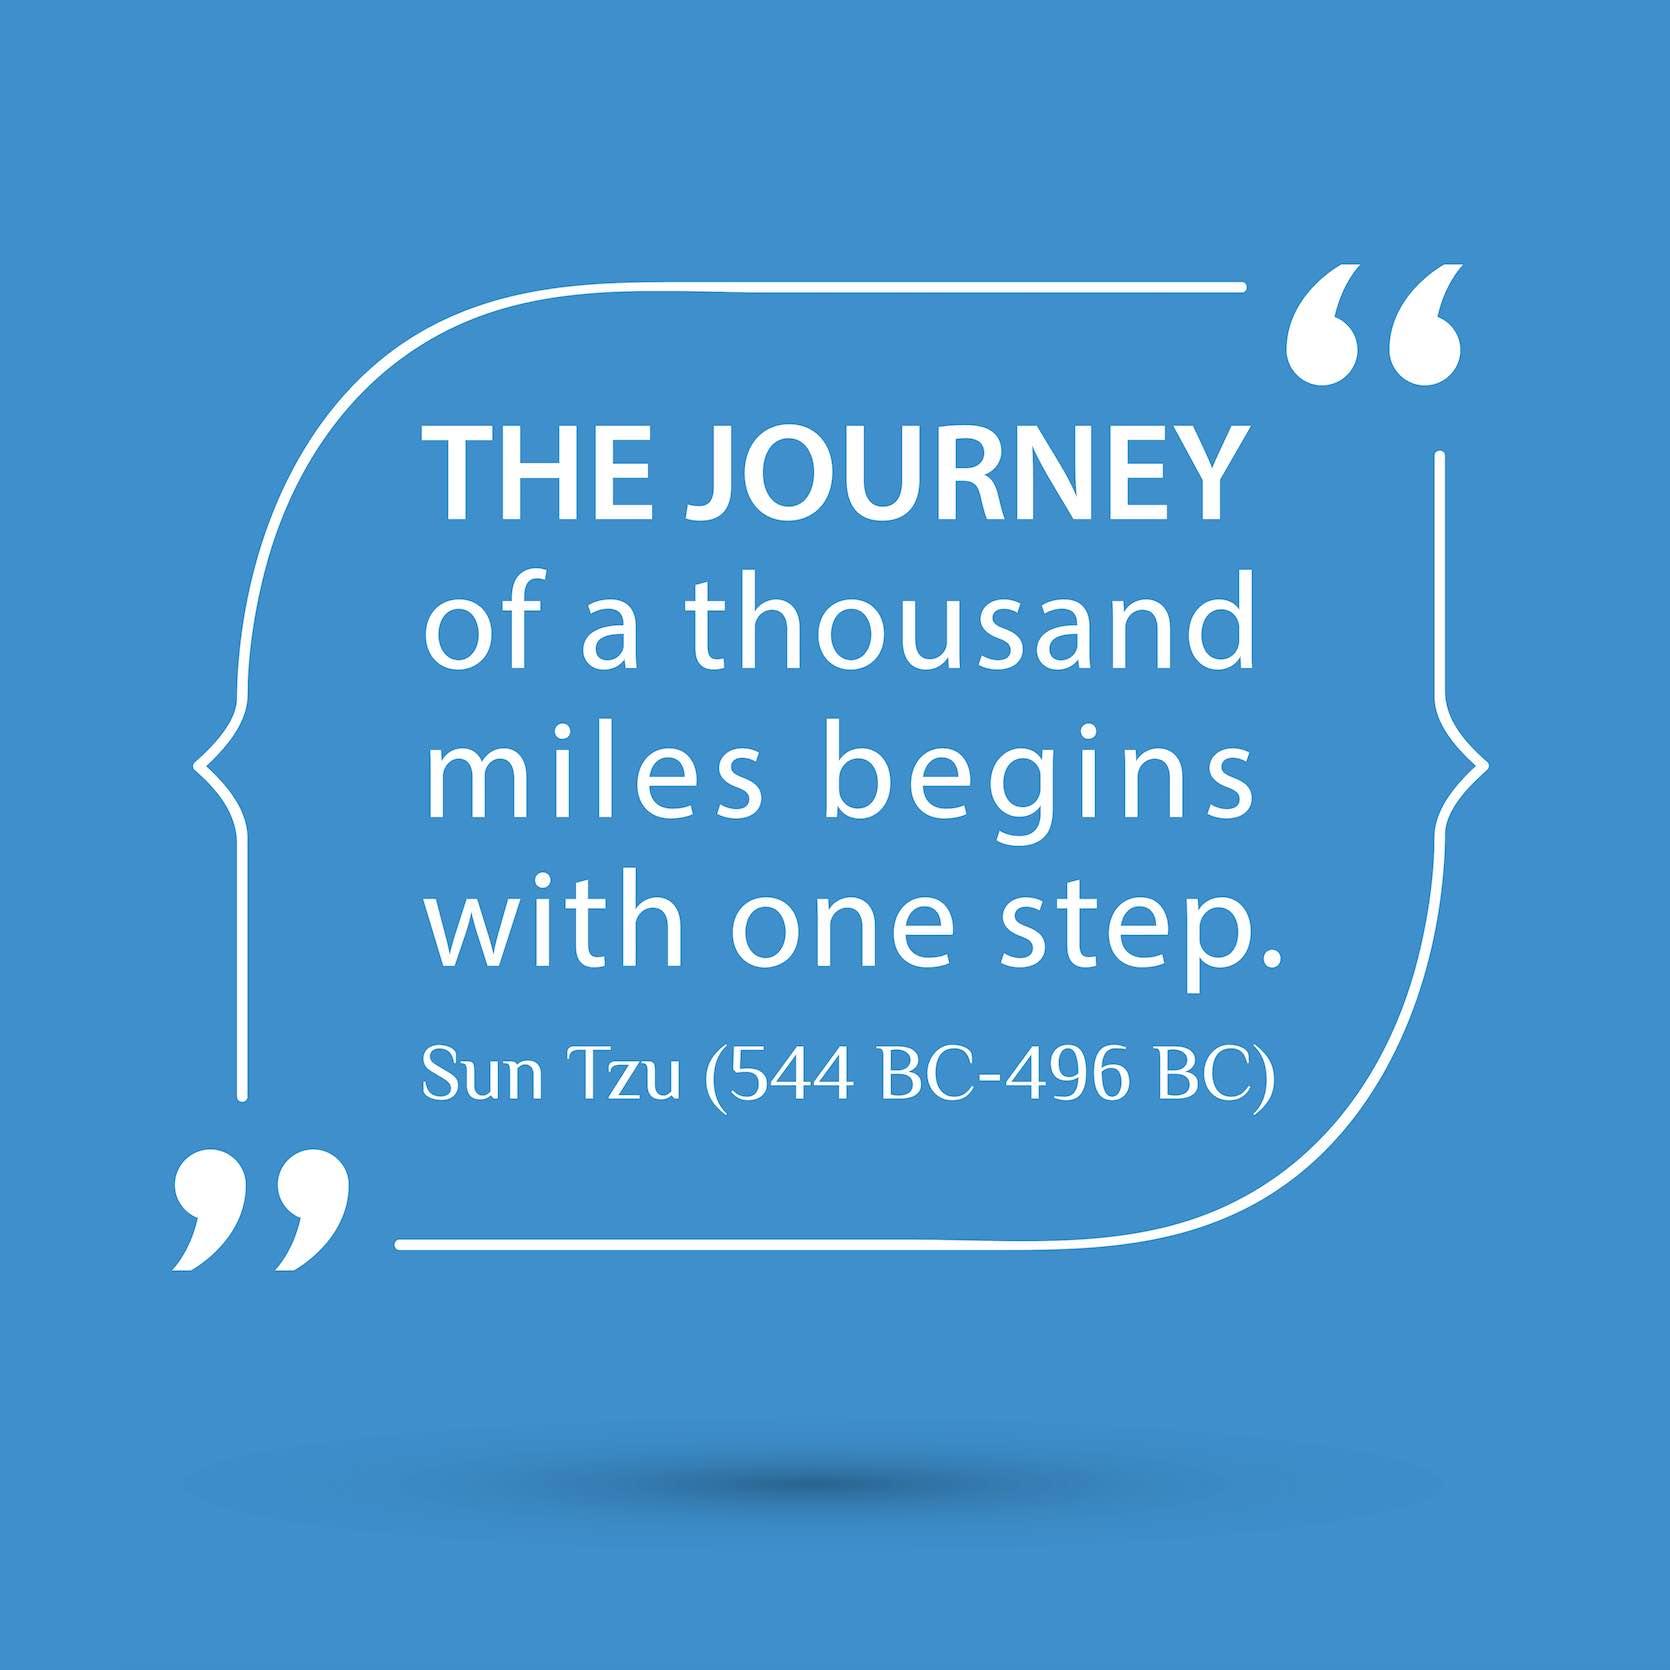 Sun Tzu.jpg